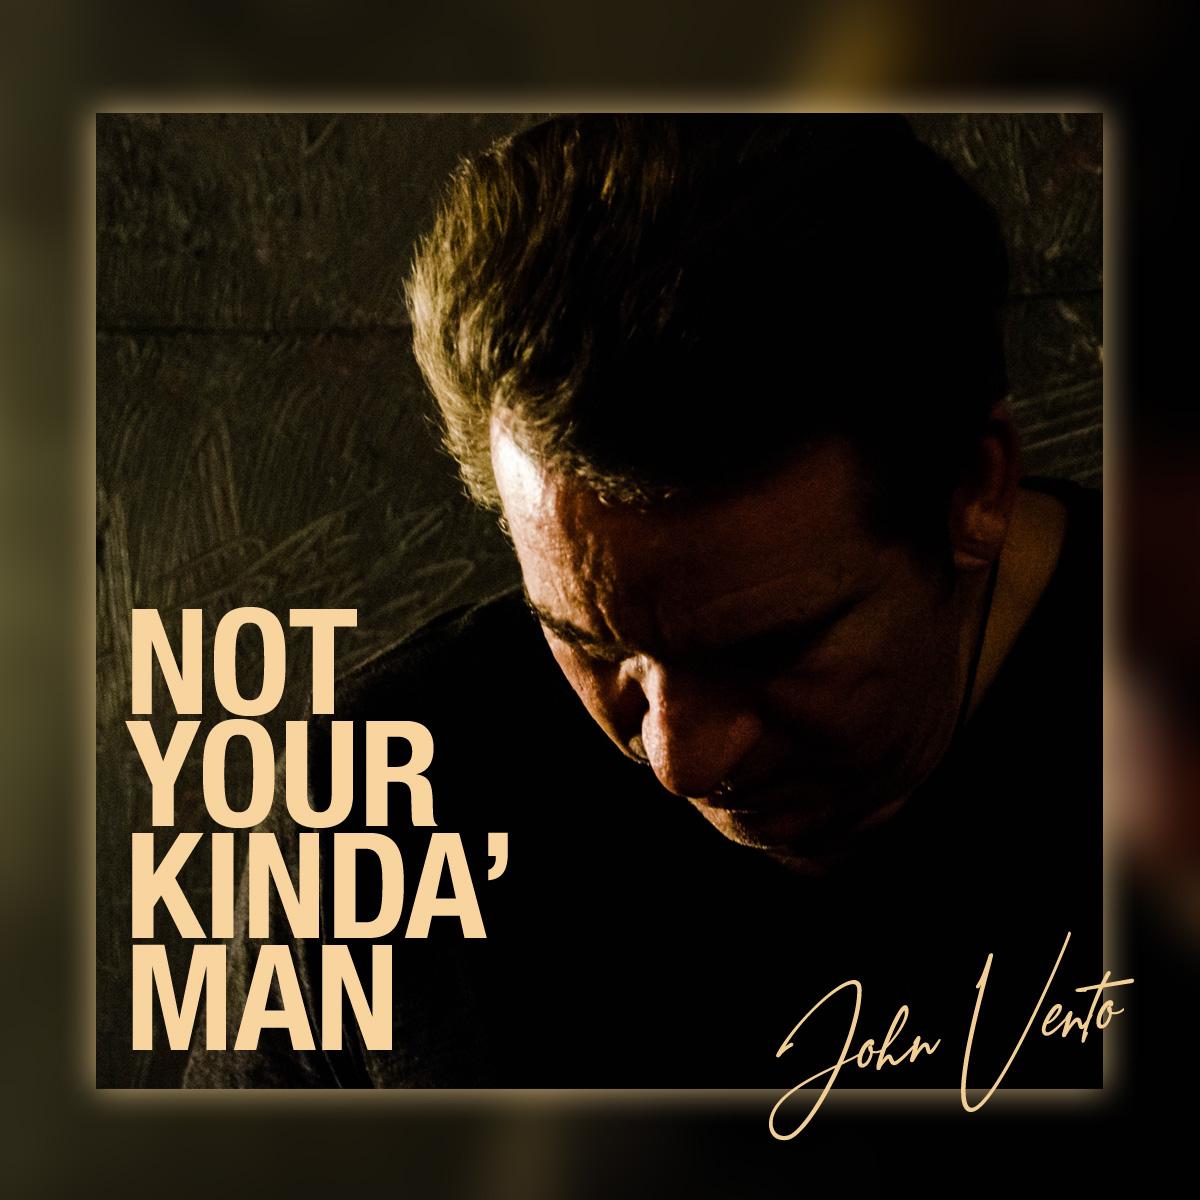 Not Your Kinda' Man